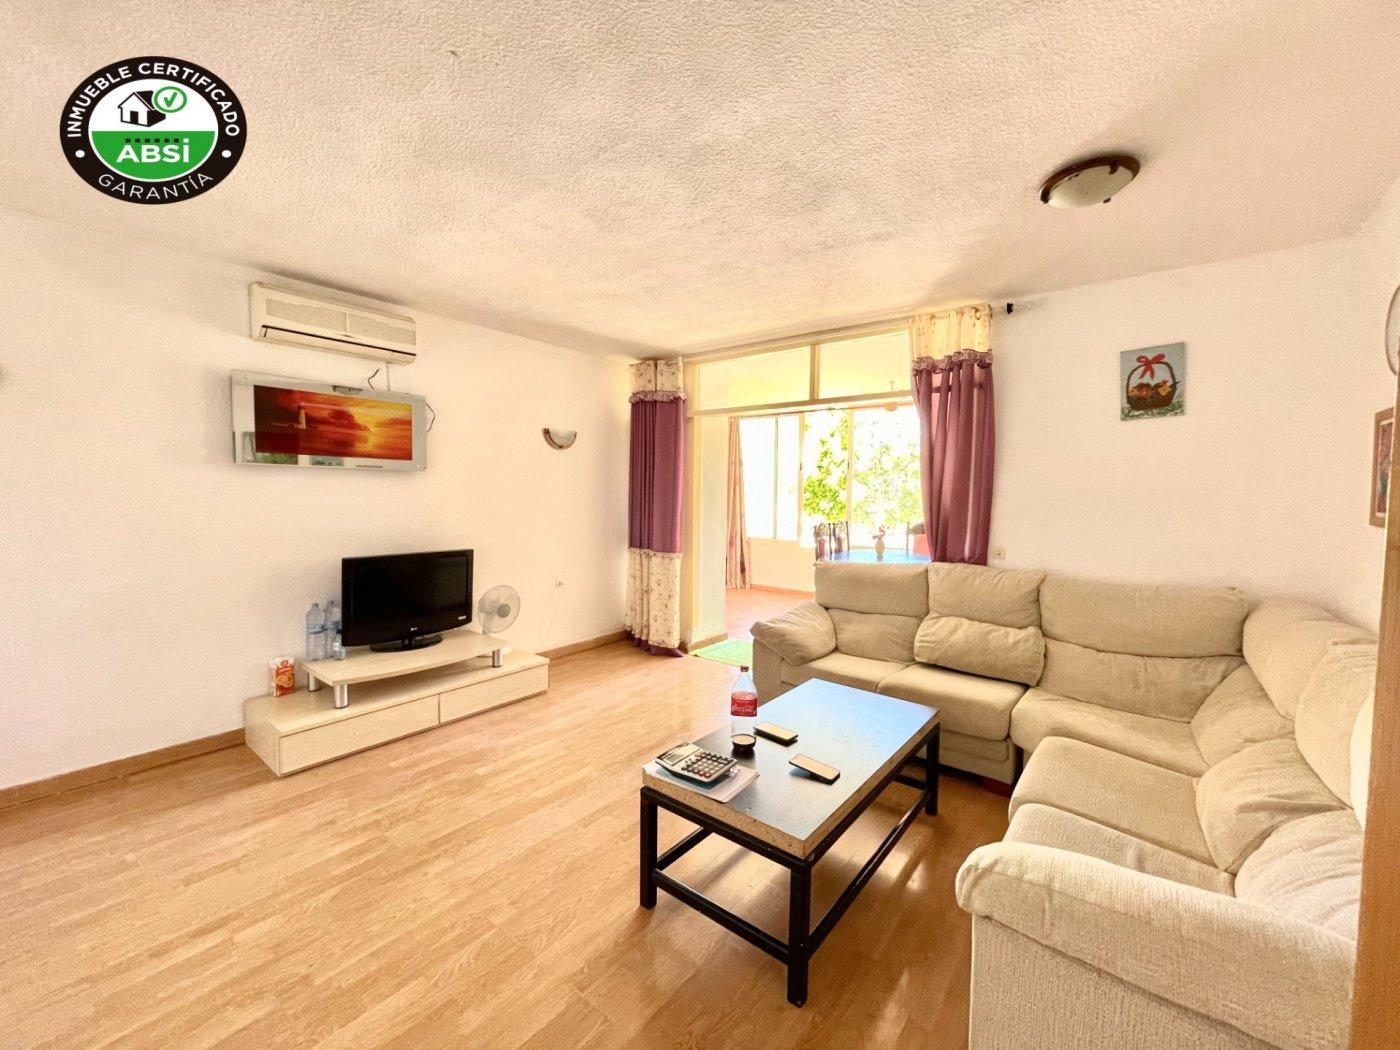 Se vende piso de dos dormitorios con piscina y parking comunitaria - imagenInmueble0